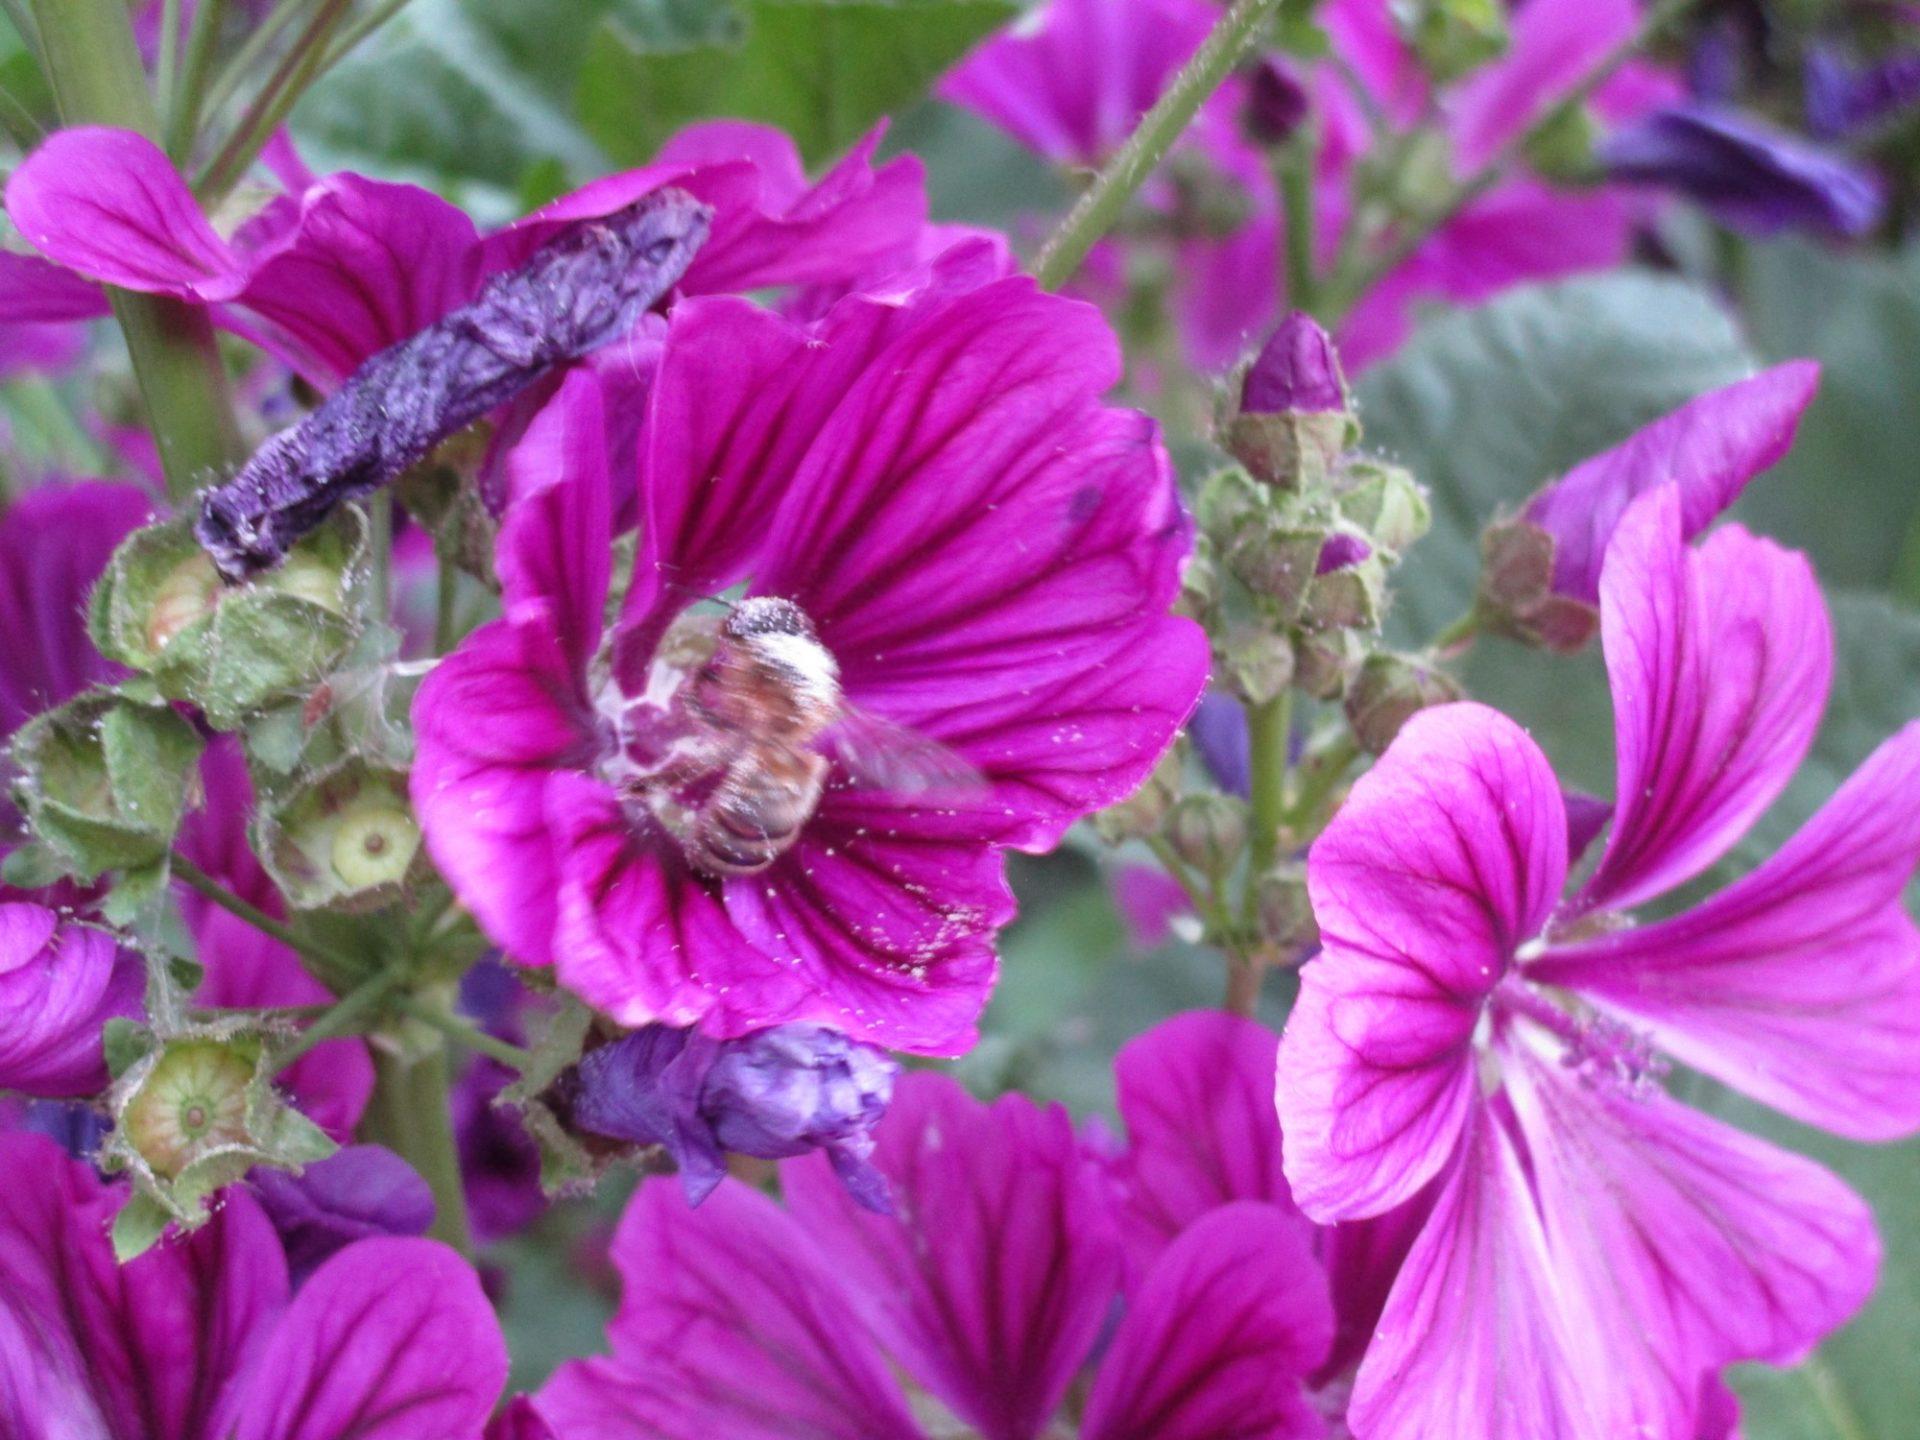 Les abeilles font des roulades dans les fleurs !